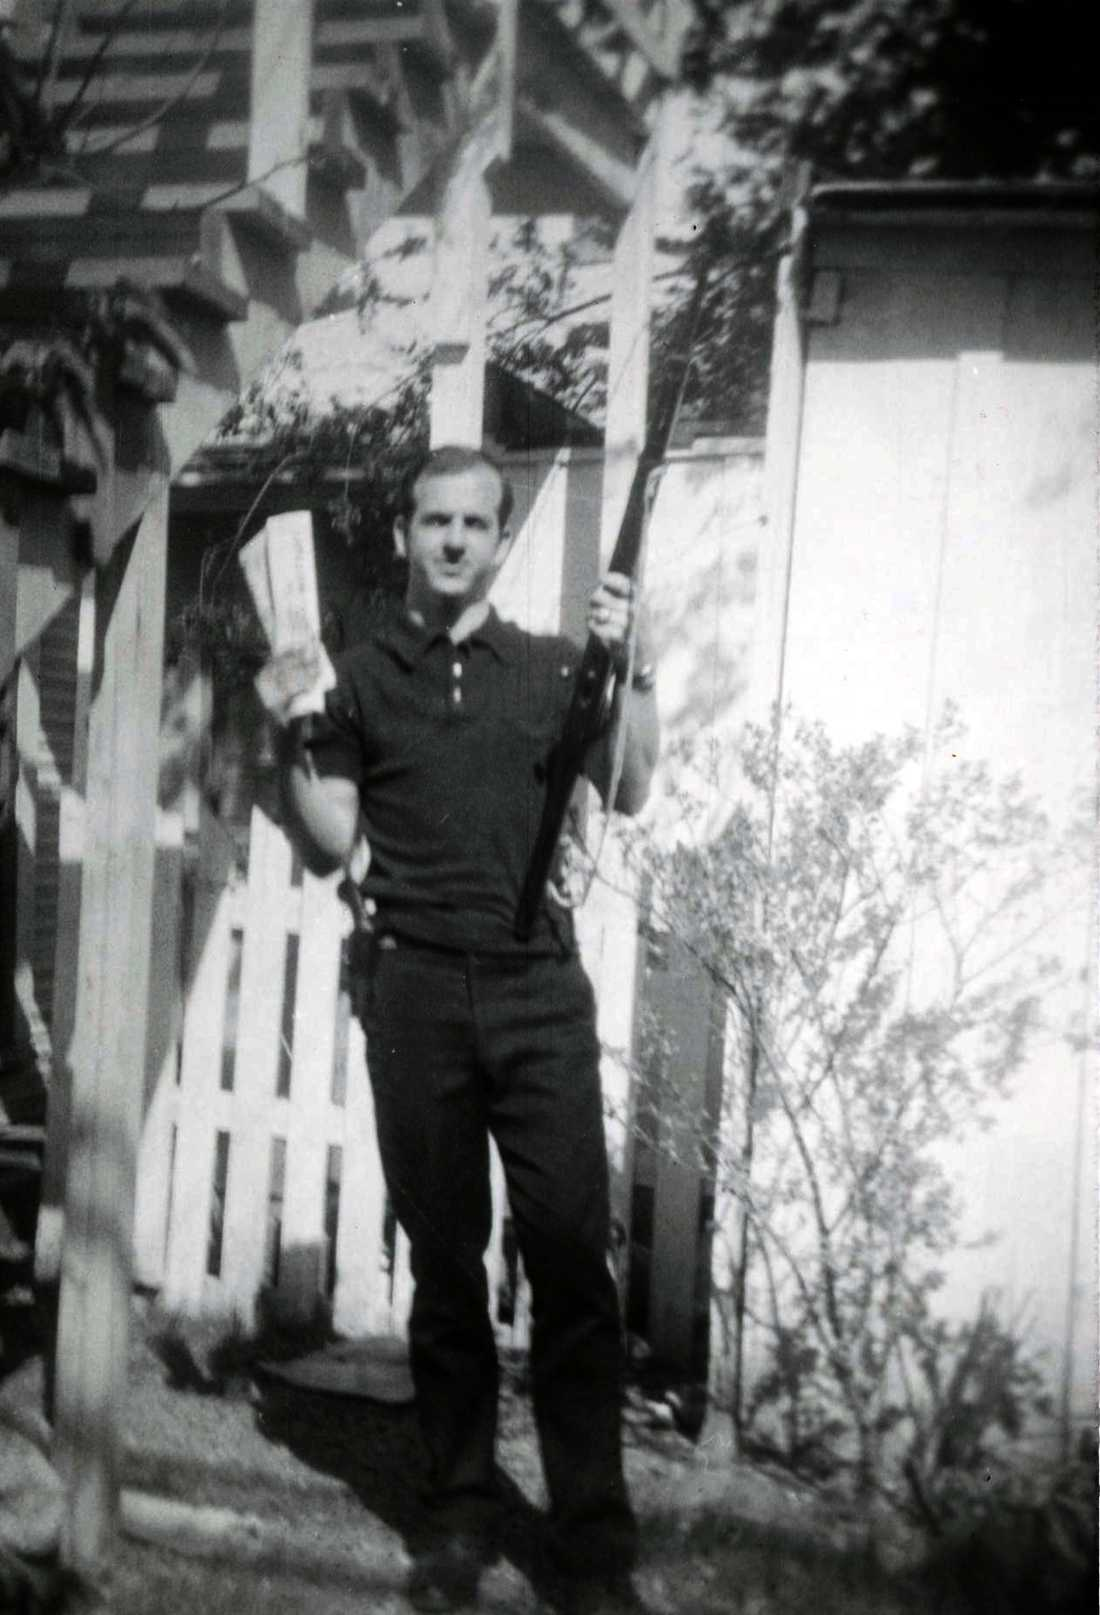 Lee Harvey Oswald poserar med ett vapen på en odaterad arkivbild.